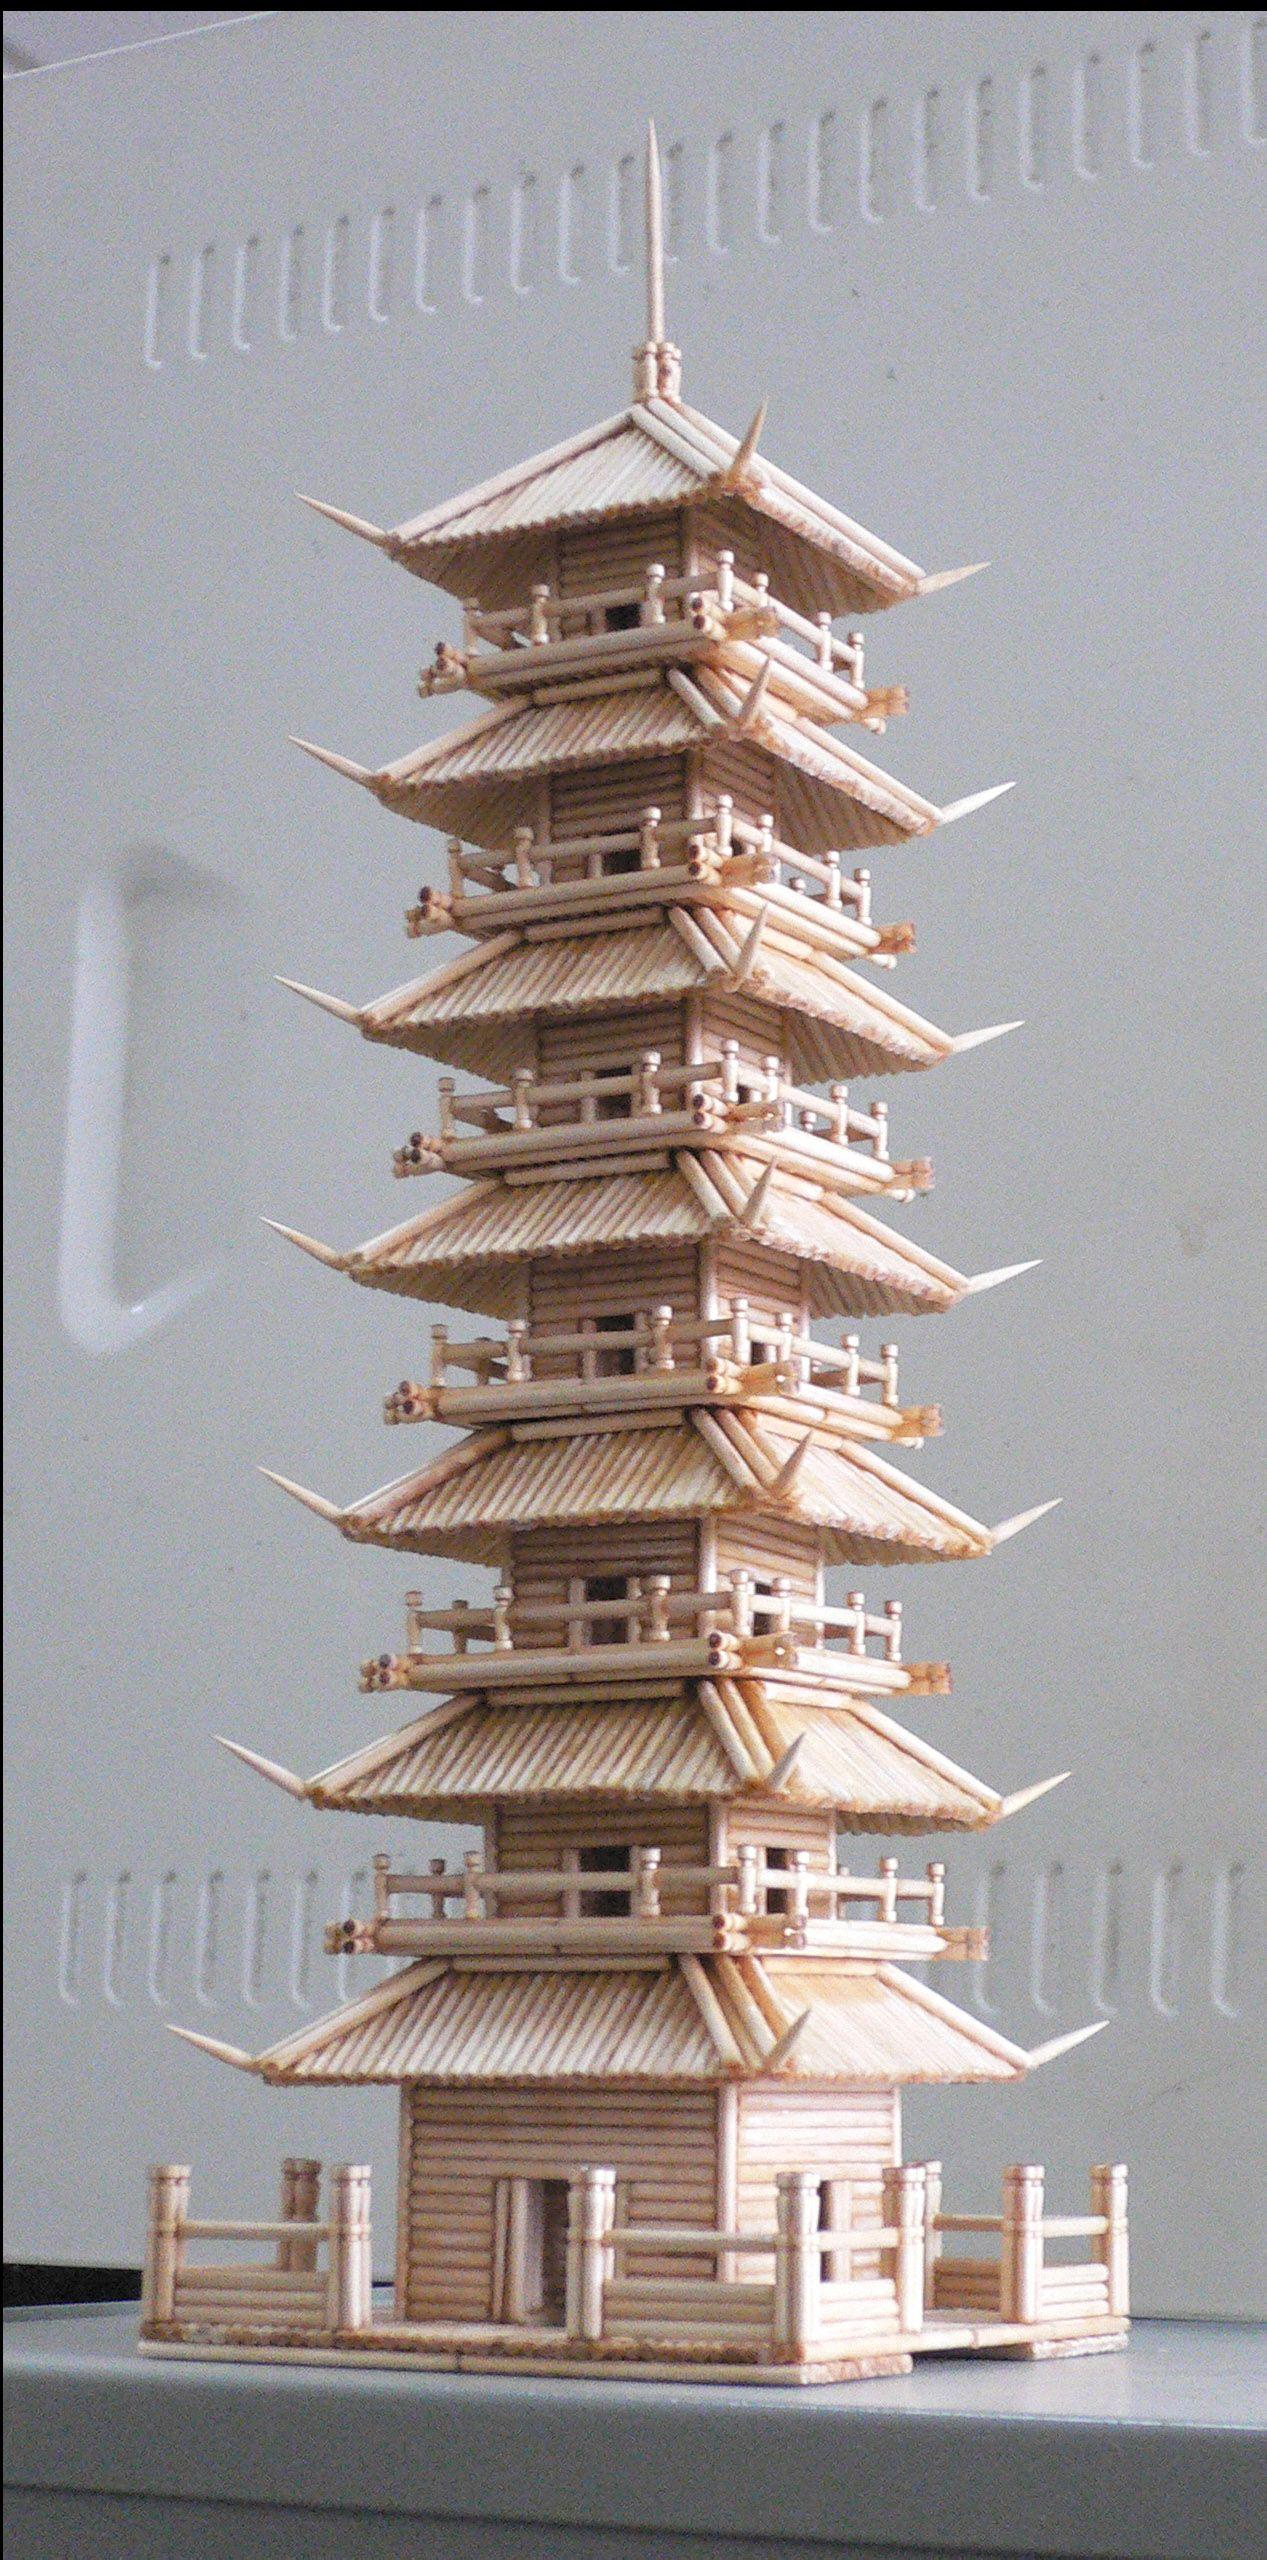 手工制作模型建筑